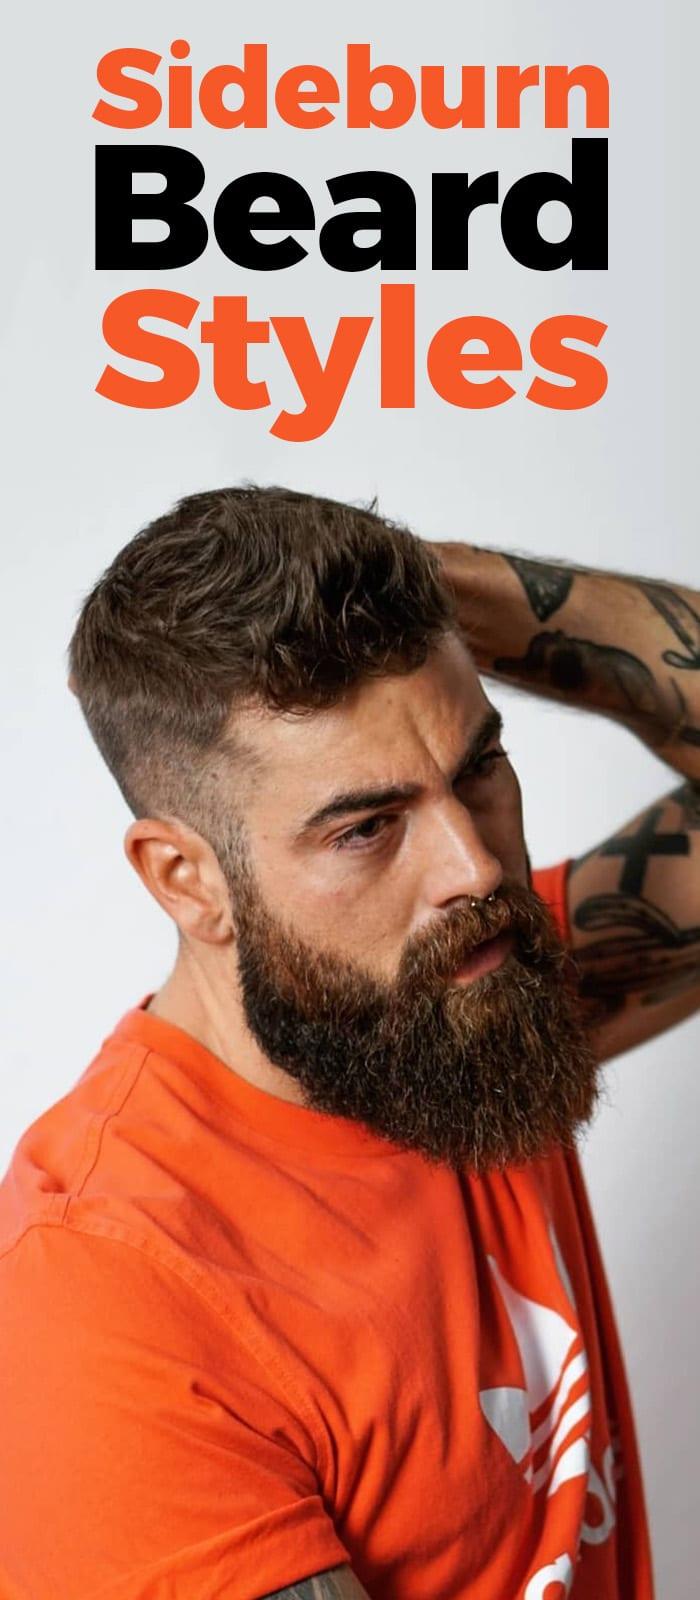 Sideburns For Beard!